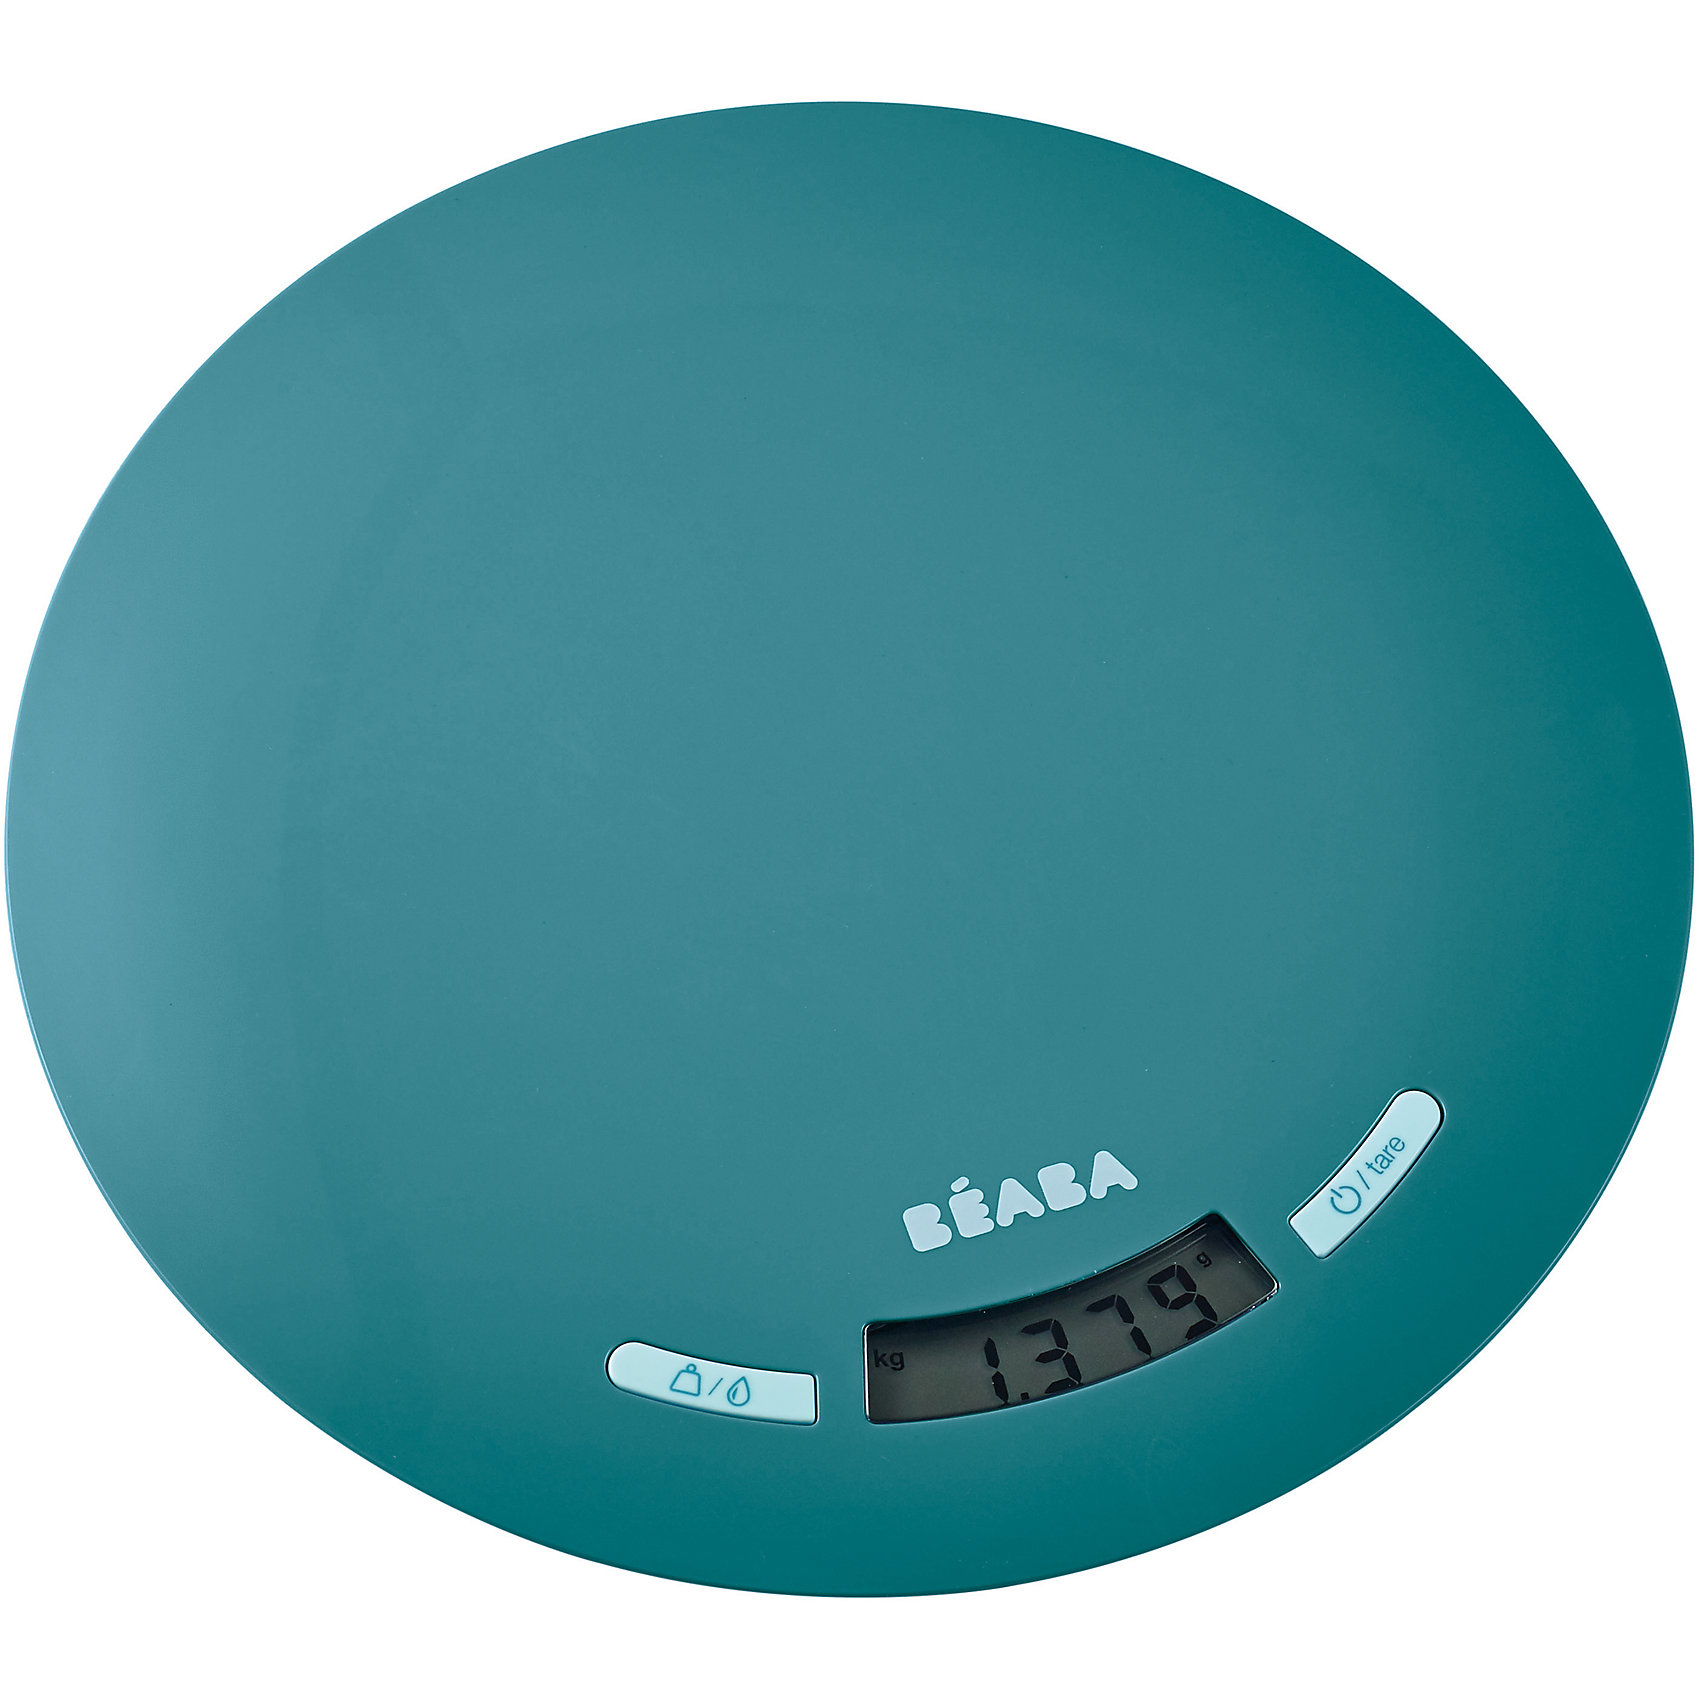 Весы кухонные Kitchen Scale, Beaba, синийБытовая техника для кухни<br>Весы кухонные Kitchen Scale, Beaba (Беаба), синий<br><br>Характеристики:<br><br>• режим тара<br>• функция запоминания<br>• автоматическое отключение<br>• допустимый вес: до 5 кг<br>• измерение в граммах и миллилитрах<br>• батарейки: CR20132 - 2 шт. (в комплекте)<br>• материал: пластик<br>• размер упаковки: 23х27х2 см<br><br>Кухонные весы помогут вам рассчитать вес питания, необходимого для ребенка. Воспользуйтесь режимом тара, чтобы определить вес продукта без учета упаковки. Для этого нужно поставить контейнер на весы, выбрать функцию тара, а затем взвесить продукт. Взвесив один продукт, выберите функцию возврат к нулю и добавьте еще один продукт - весы сами рассчитают массу второго продукта. Весы Kitchen Scale помогут вам сэкономить время для прекрасных игр с малышом!<br><br>Весы кухонные Kitchen Scale, Beaba (Беаба), синий вы можете купить в нашем интернет-магазине.<br><br>Ширина мм: 219<br>Глубина мм: 219<br>Высота мм: 8<br>Вес г: 380<br>Возраст от месяцев: 4<br>Возраст до месяцев: 2147483647<br>Пол: Унисекс<br>Возраст: Детский<br>SKU: 5445722